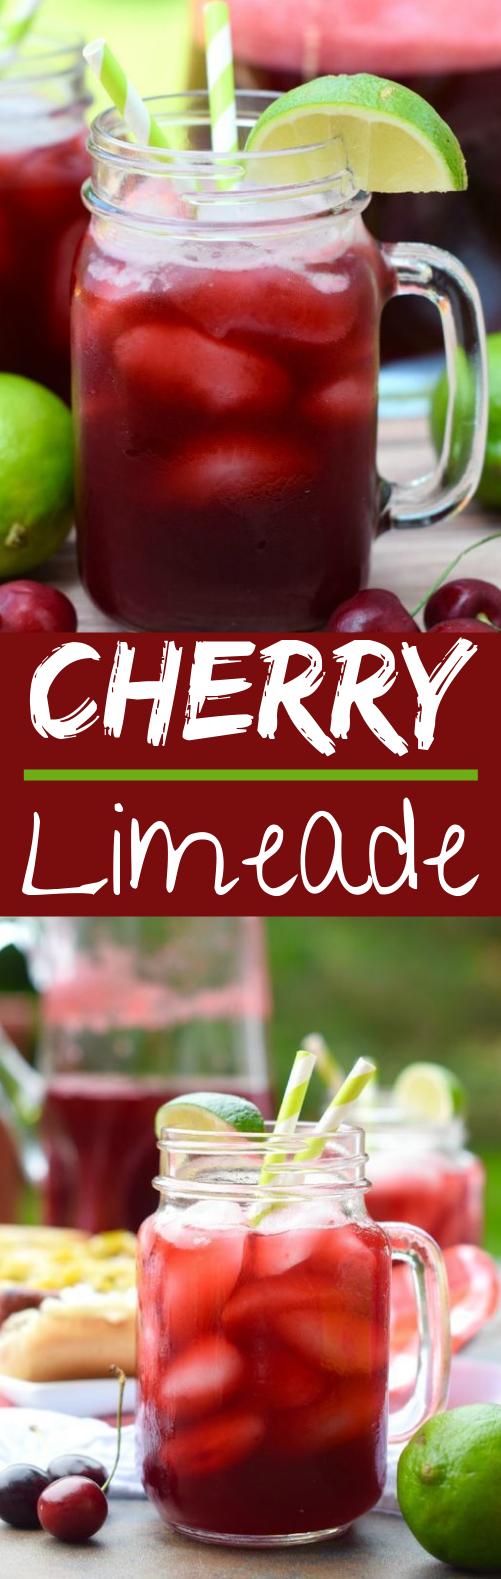 Cherry Limeade #drinks #lemonade